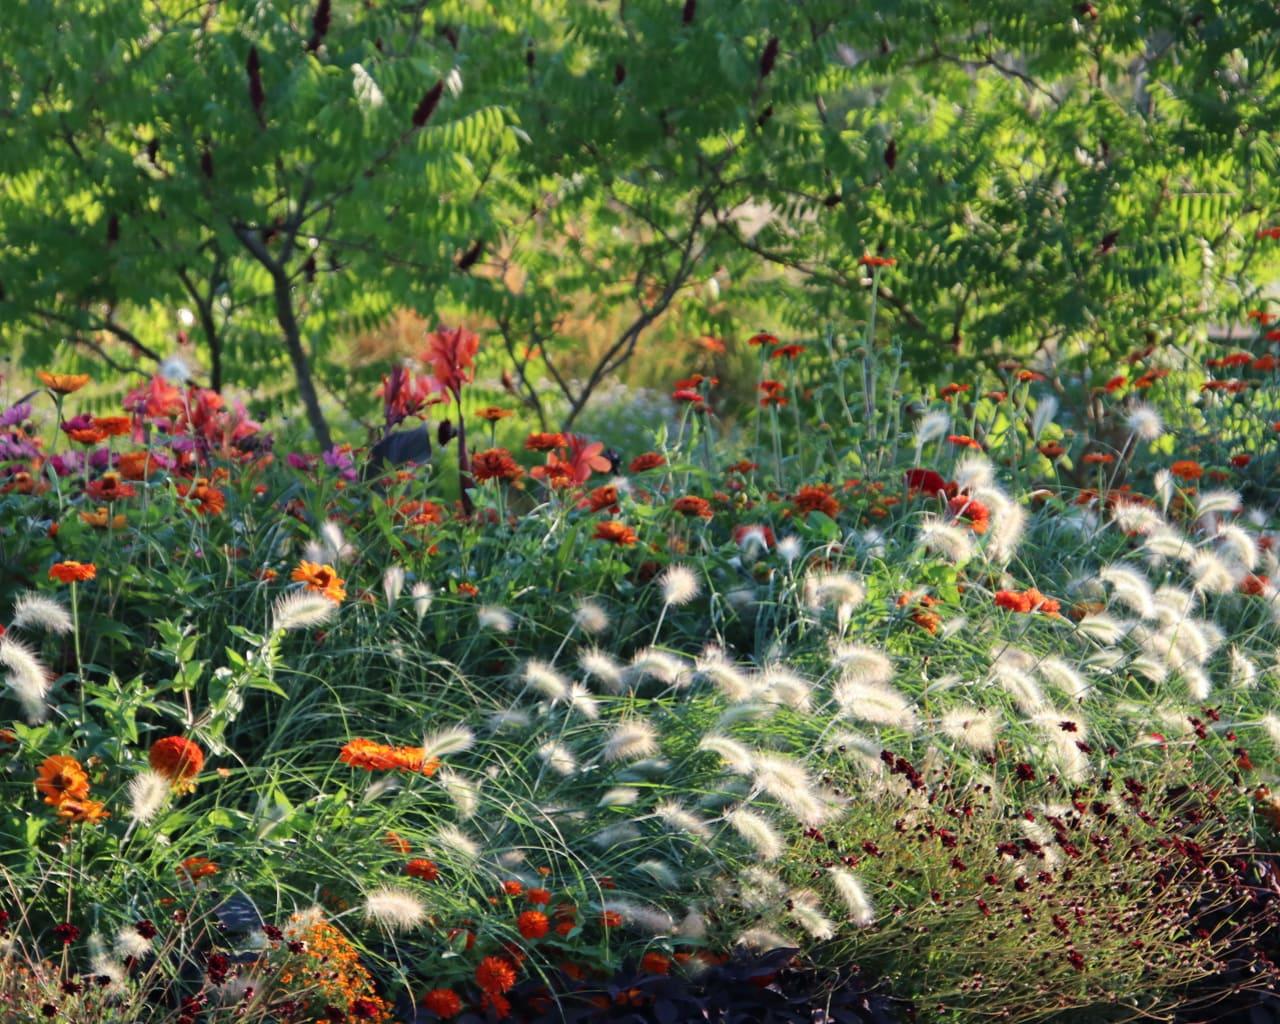 Sommerblumen Beet, Lampenputzergras, Pennisetum villosum, Zinnia, Landesgartenschau Würzburg 2018